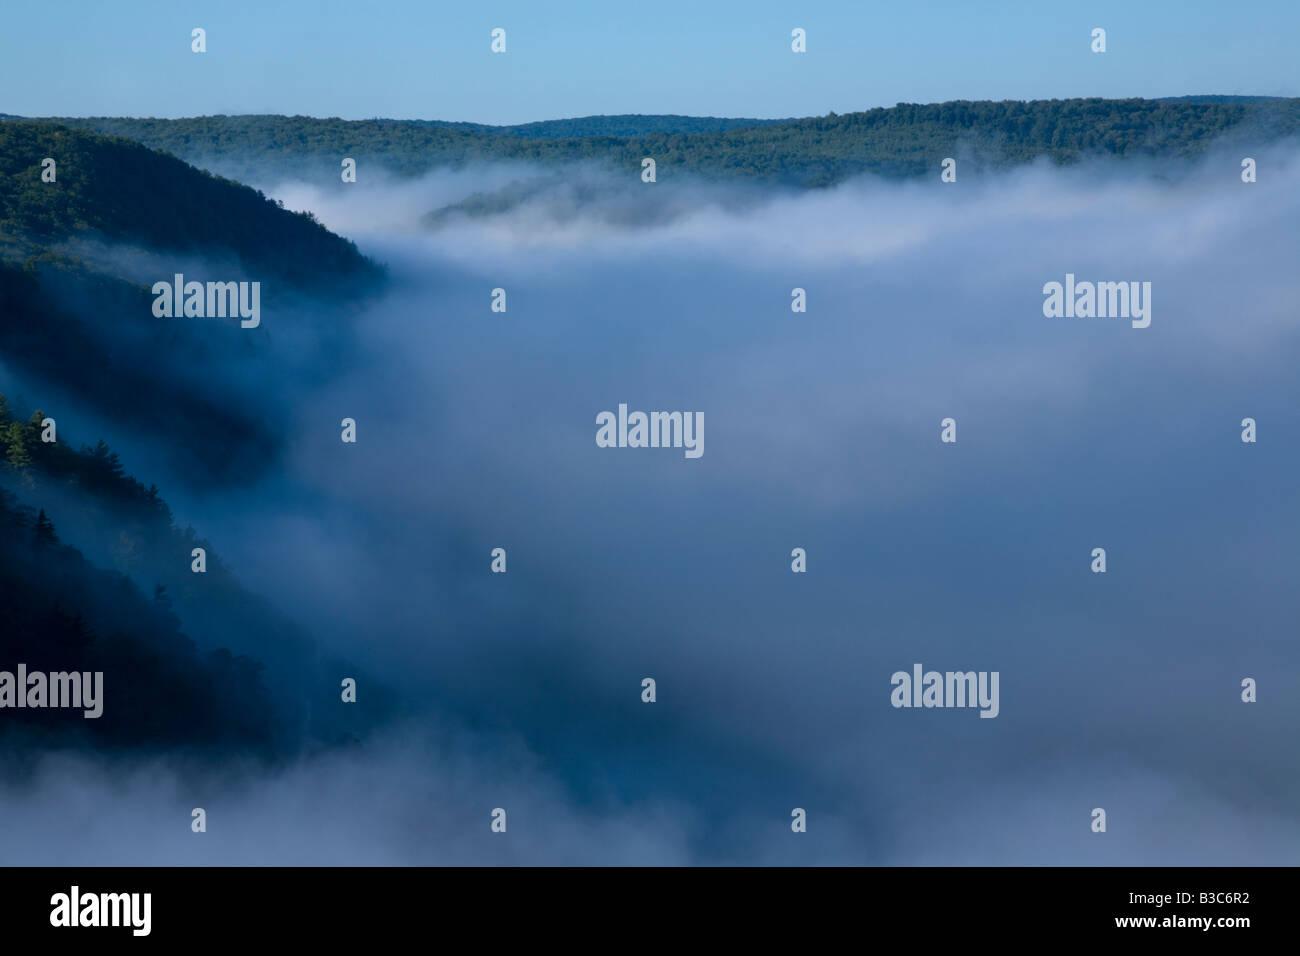 Levage de brouillard sur la Gorge de Pine Creek Canyon d'Alabama Photo Stock